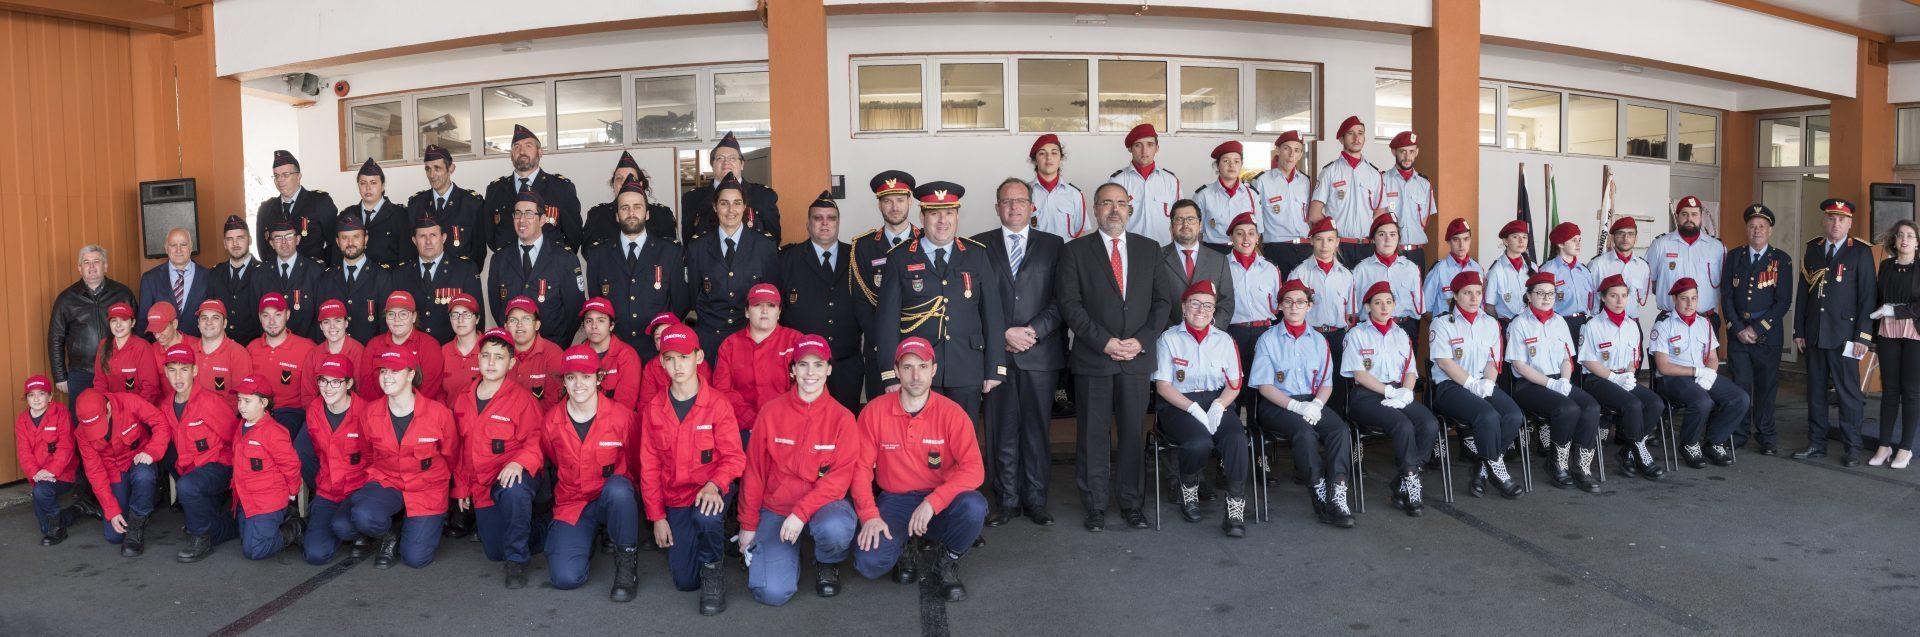 39º aniversário dos Bombeiros Voluntários do Nordeste